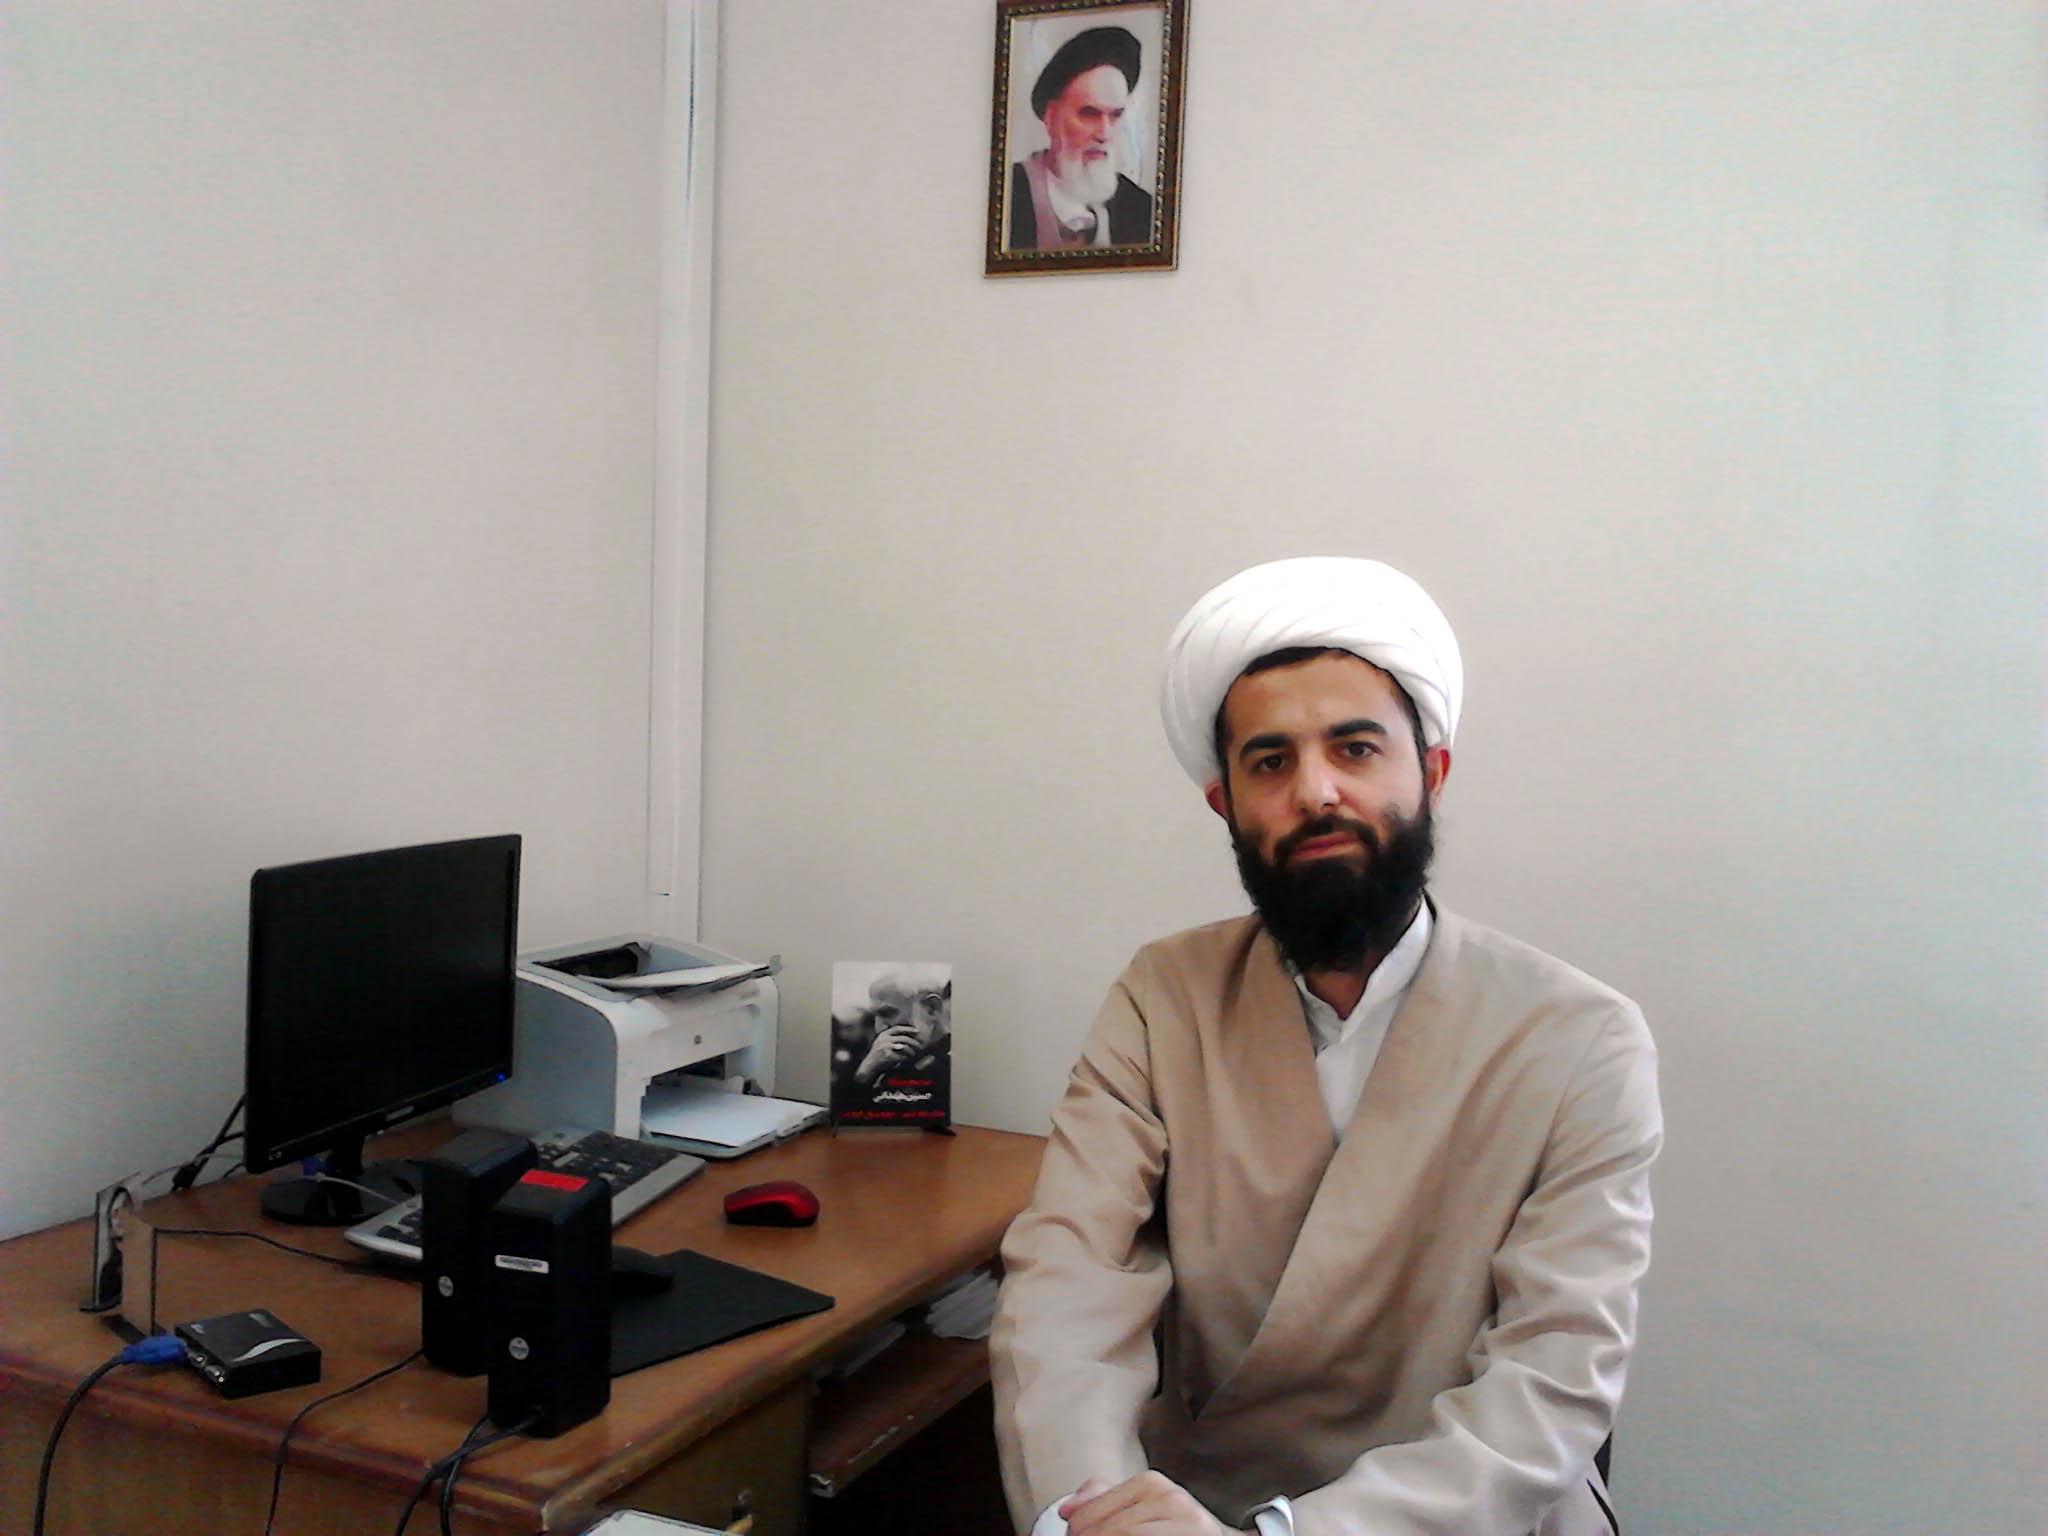 مدارس علمیه همدان یکشنبه و دوشنبه تعطیل اند